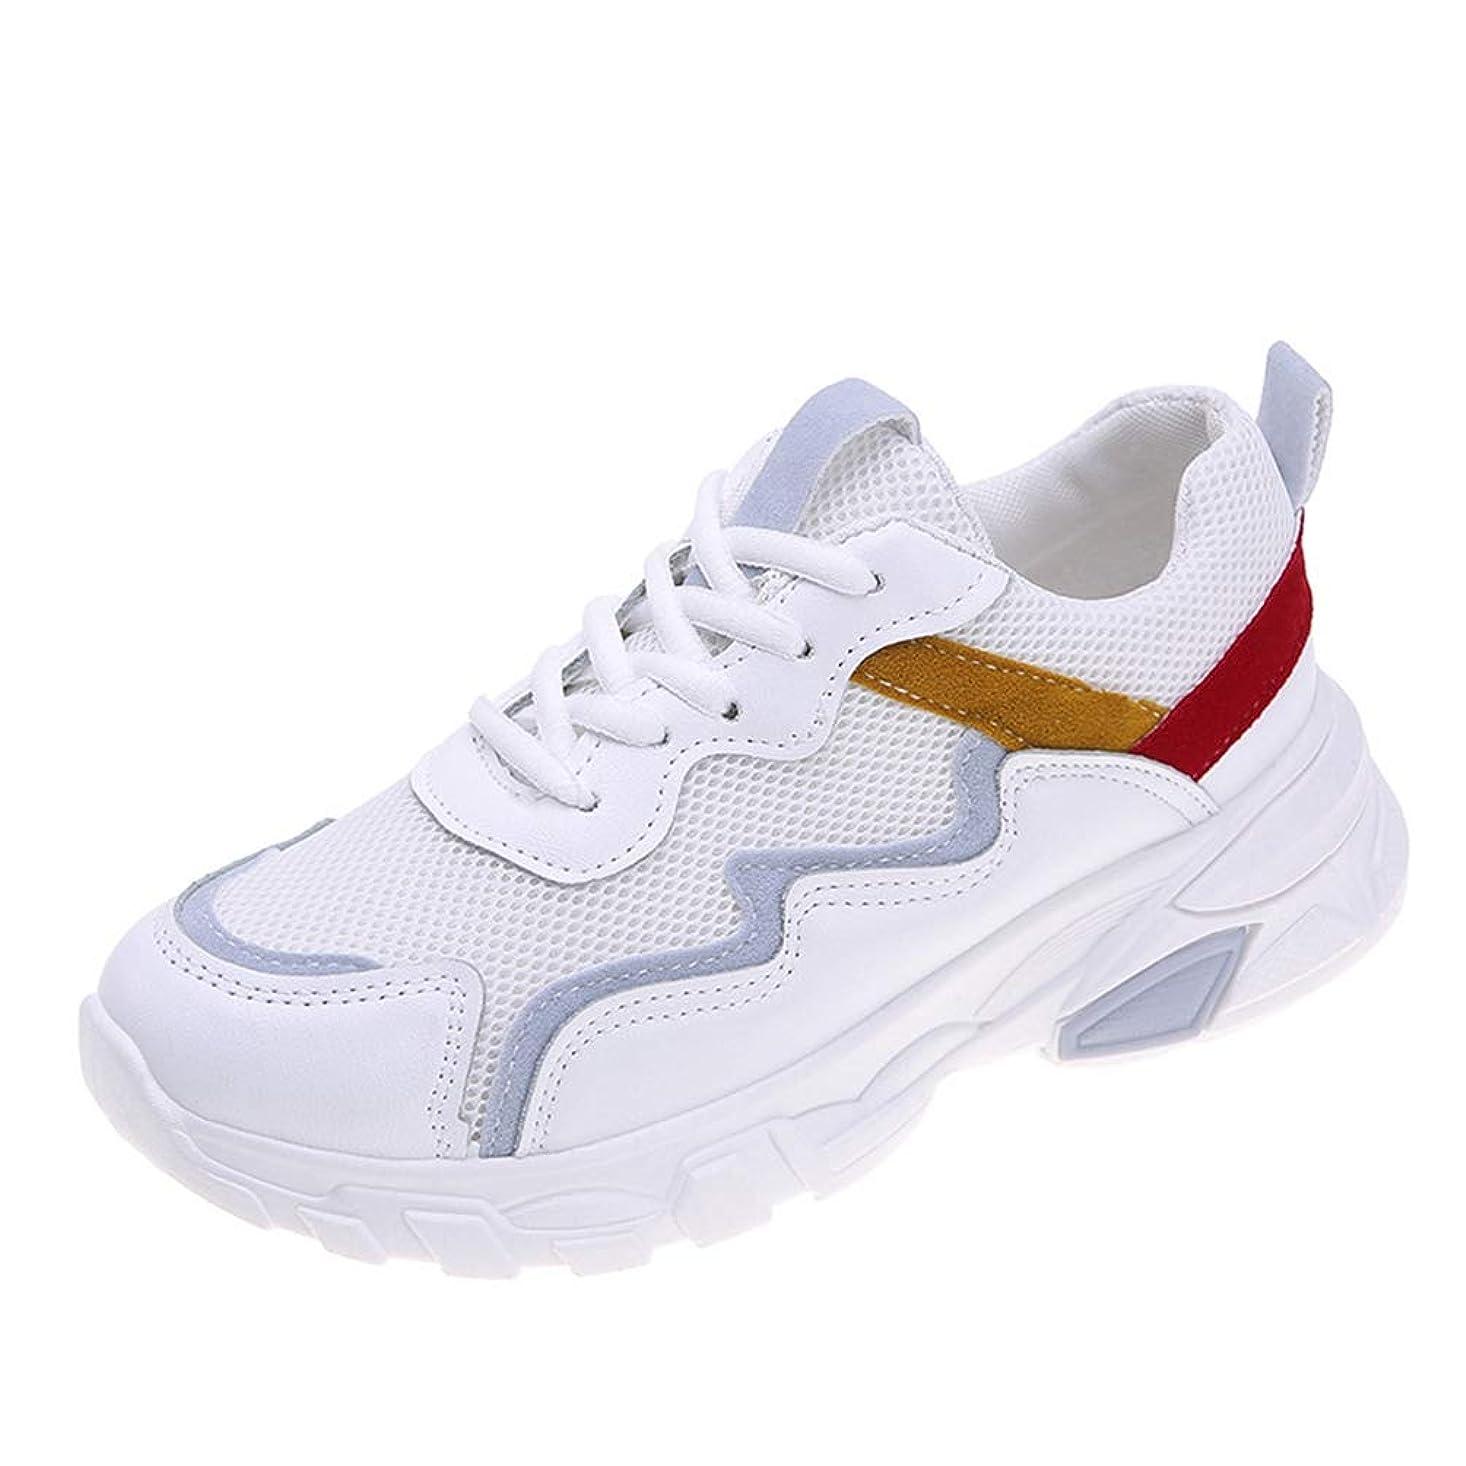 単位わがまま力強い[AcMeer] ランニングシューズ 厚底靴 レディース メッシュ スニーカー スポーティー トラベル レースアップ シンプル ベーシック 日常着用 運動靴 大人 学生 春夏秋 柔らかい 疲れない 人気白 ベージュ